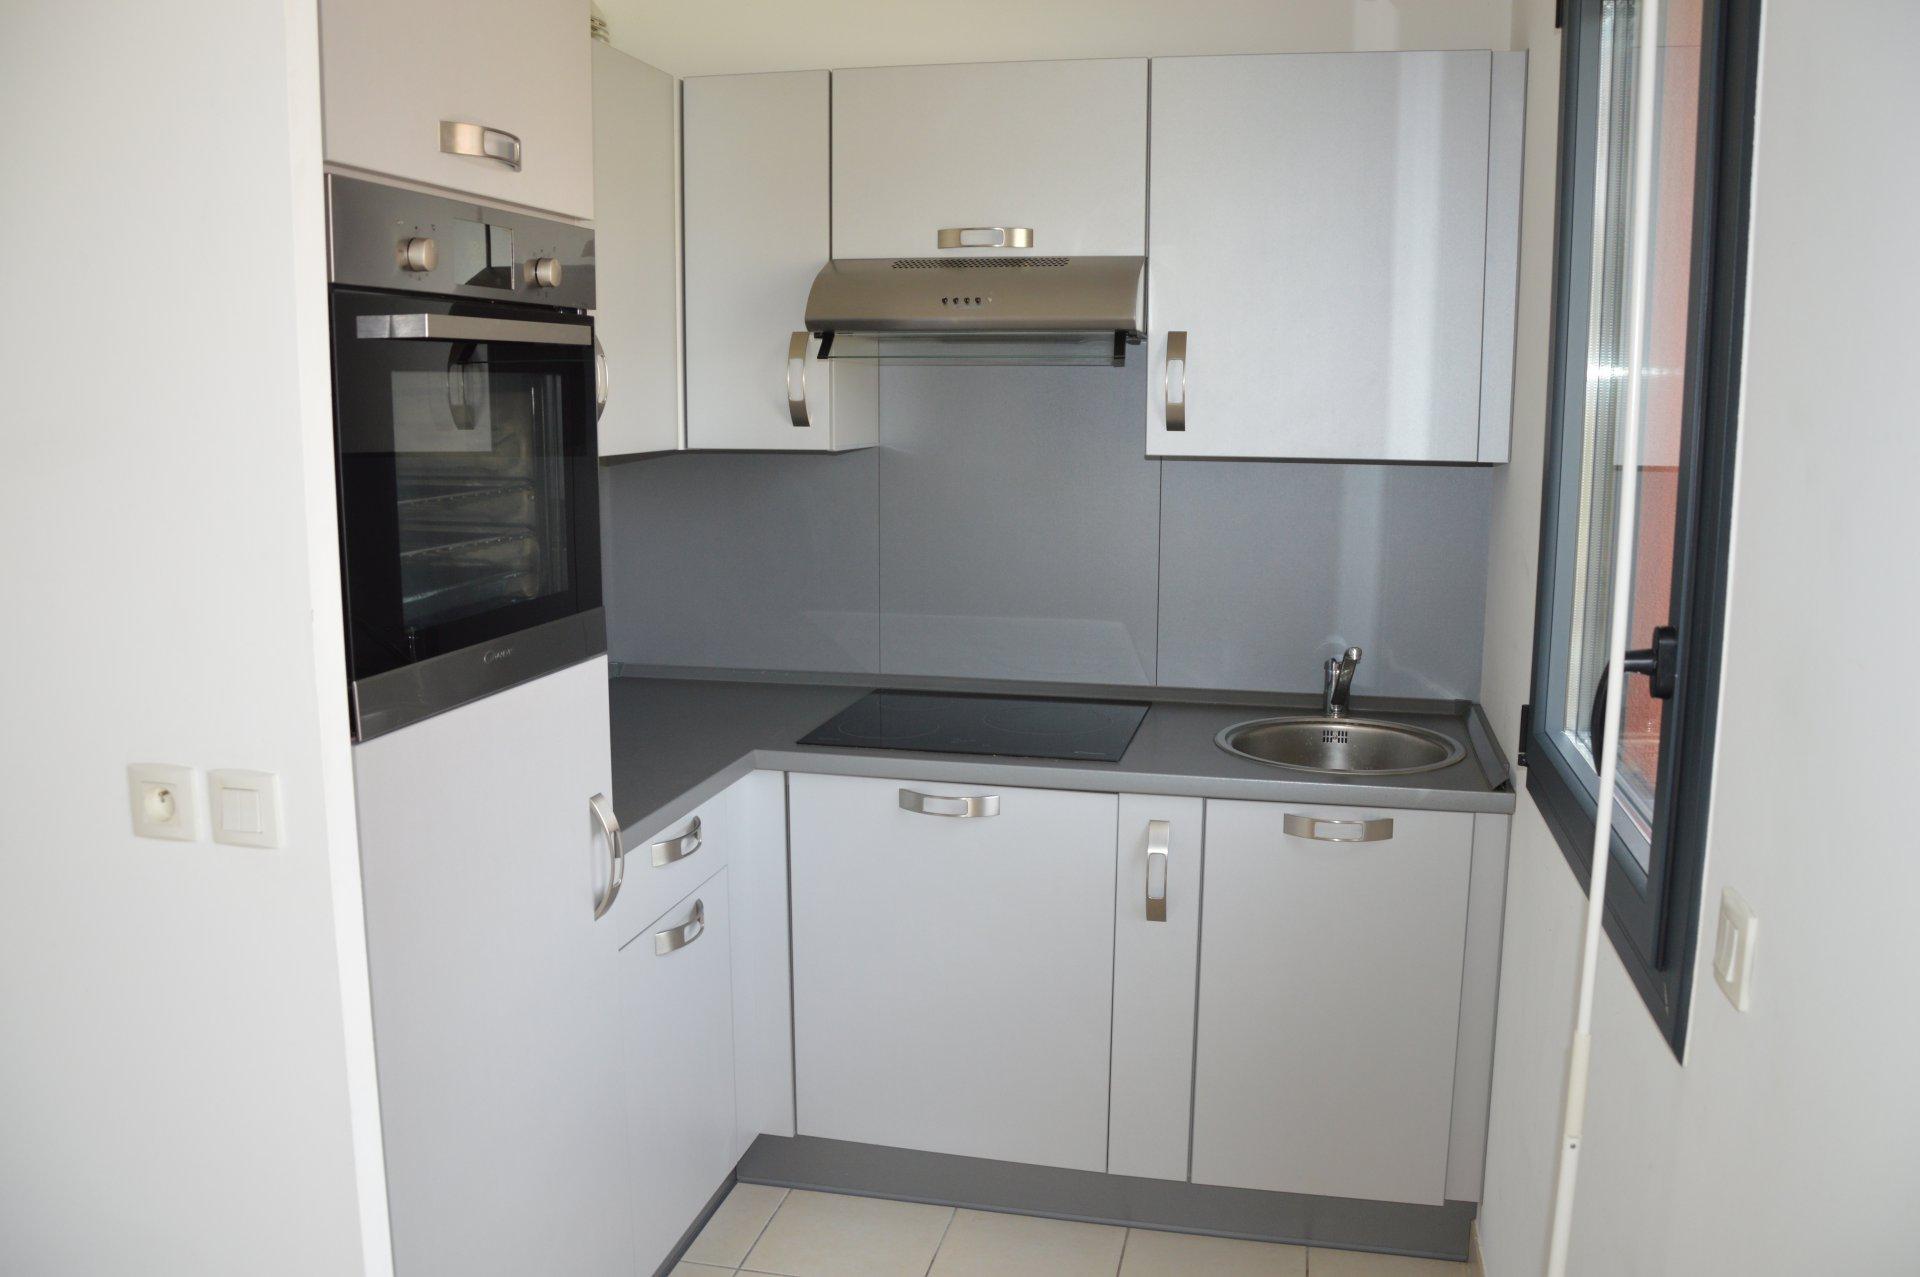 Affitto Appartamento - La Roquette-sur-Siagne